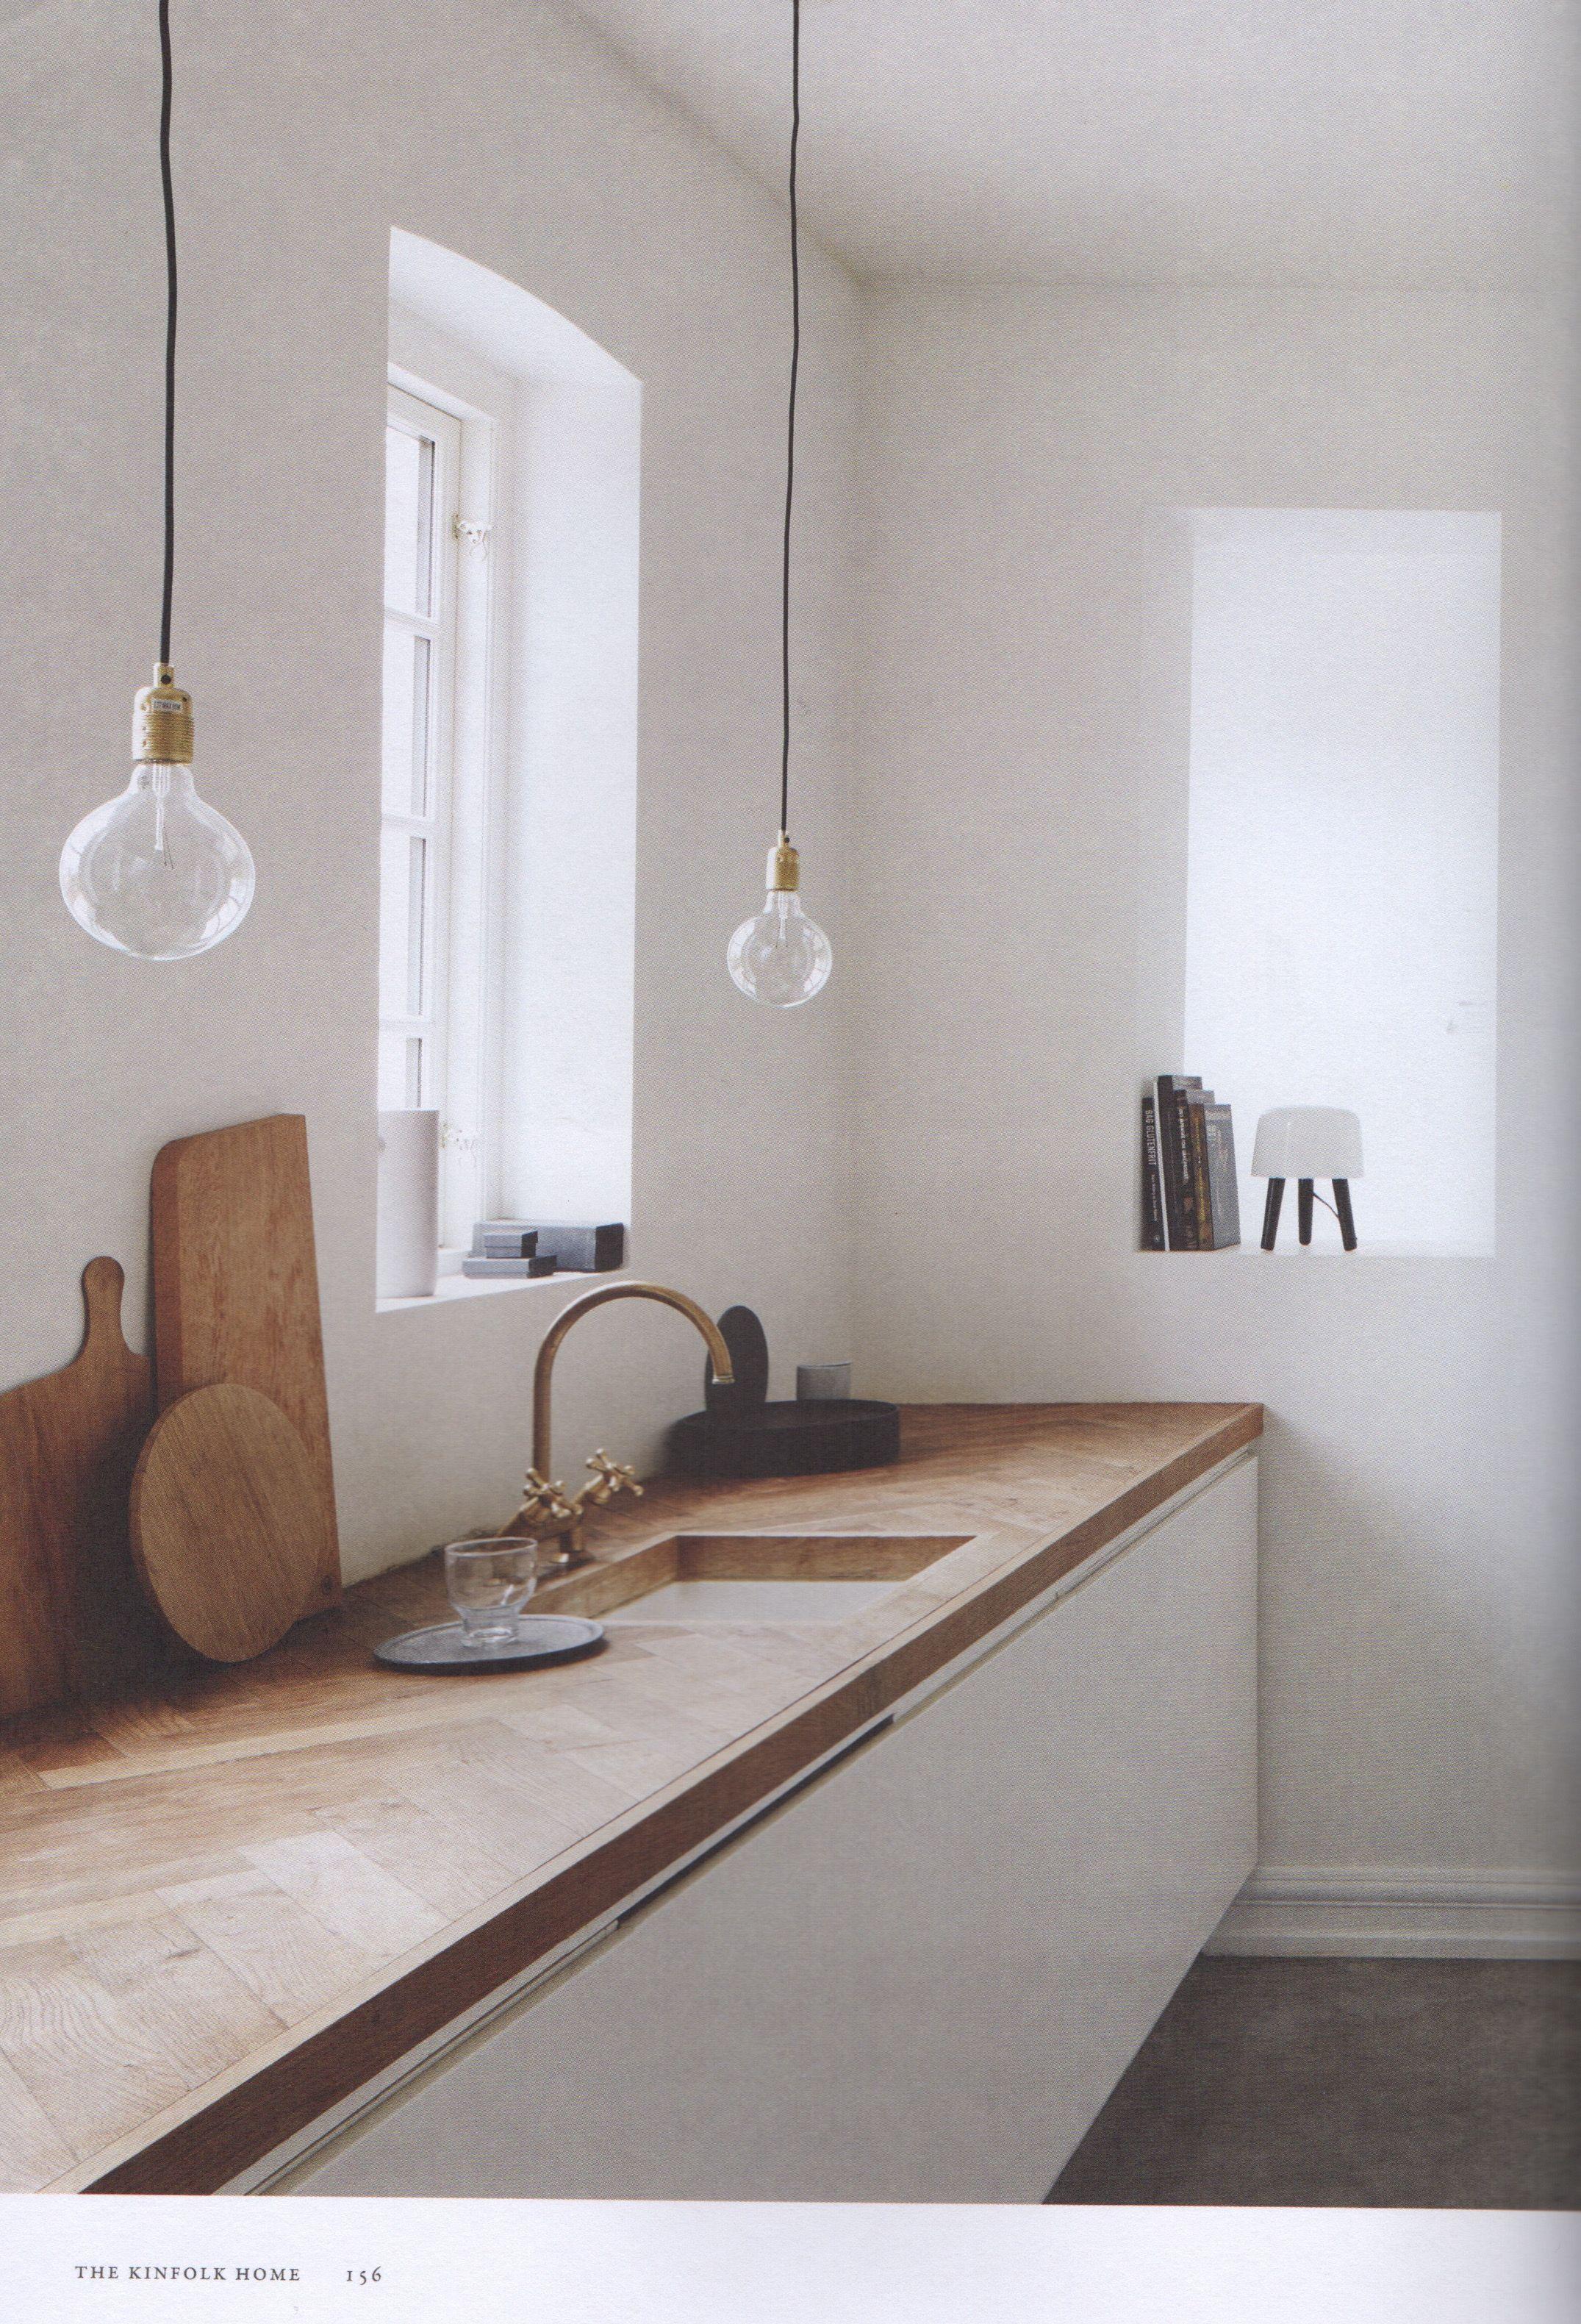 Kinfolk Home Herringbone Counter Haus Interieurs Minimalistisch Wohnen Und Haus Deko